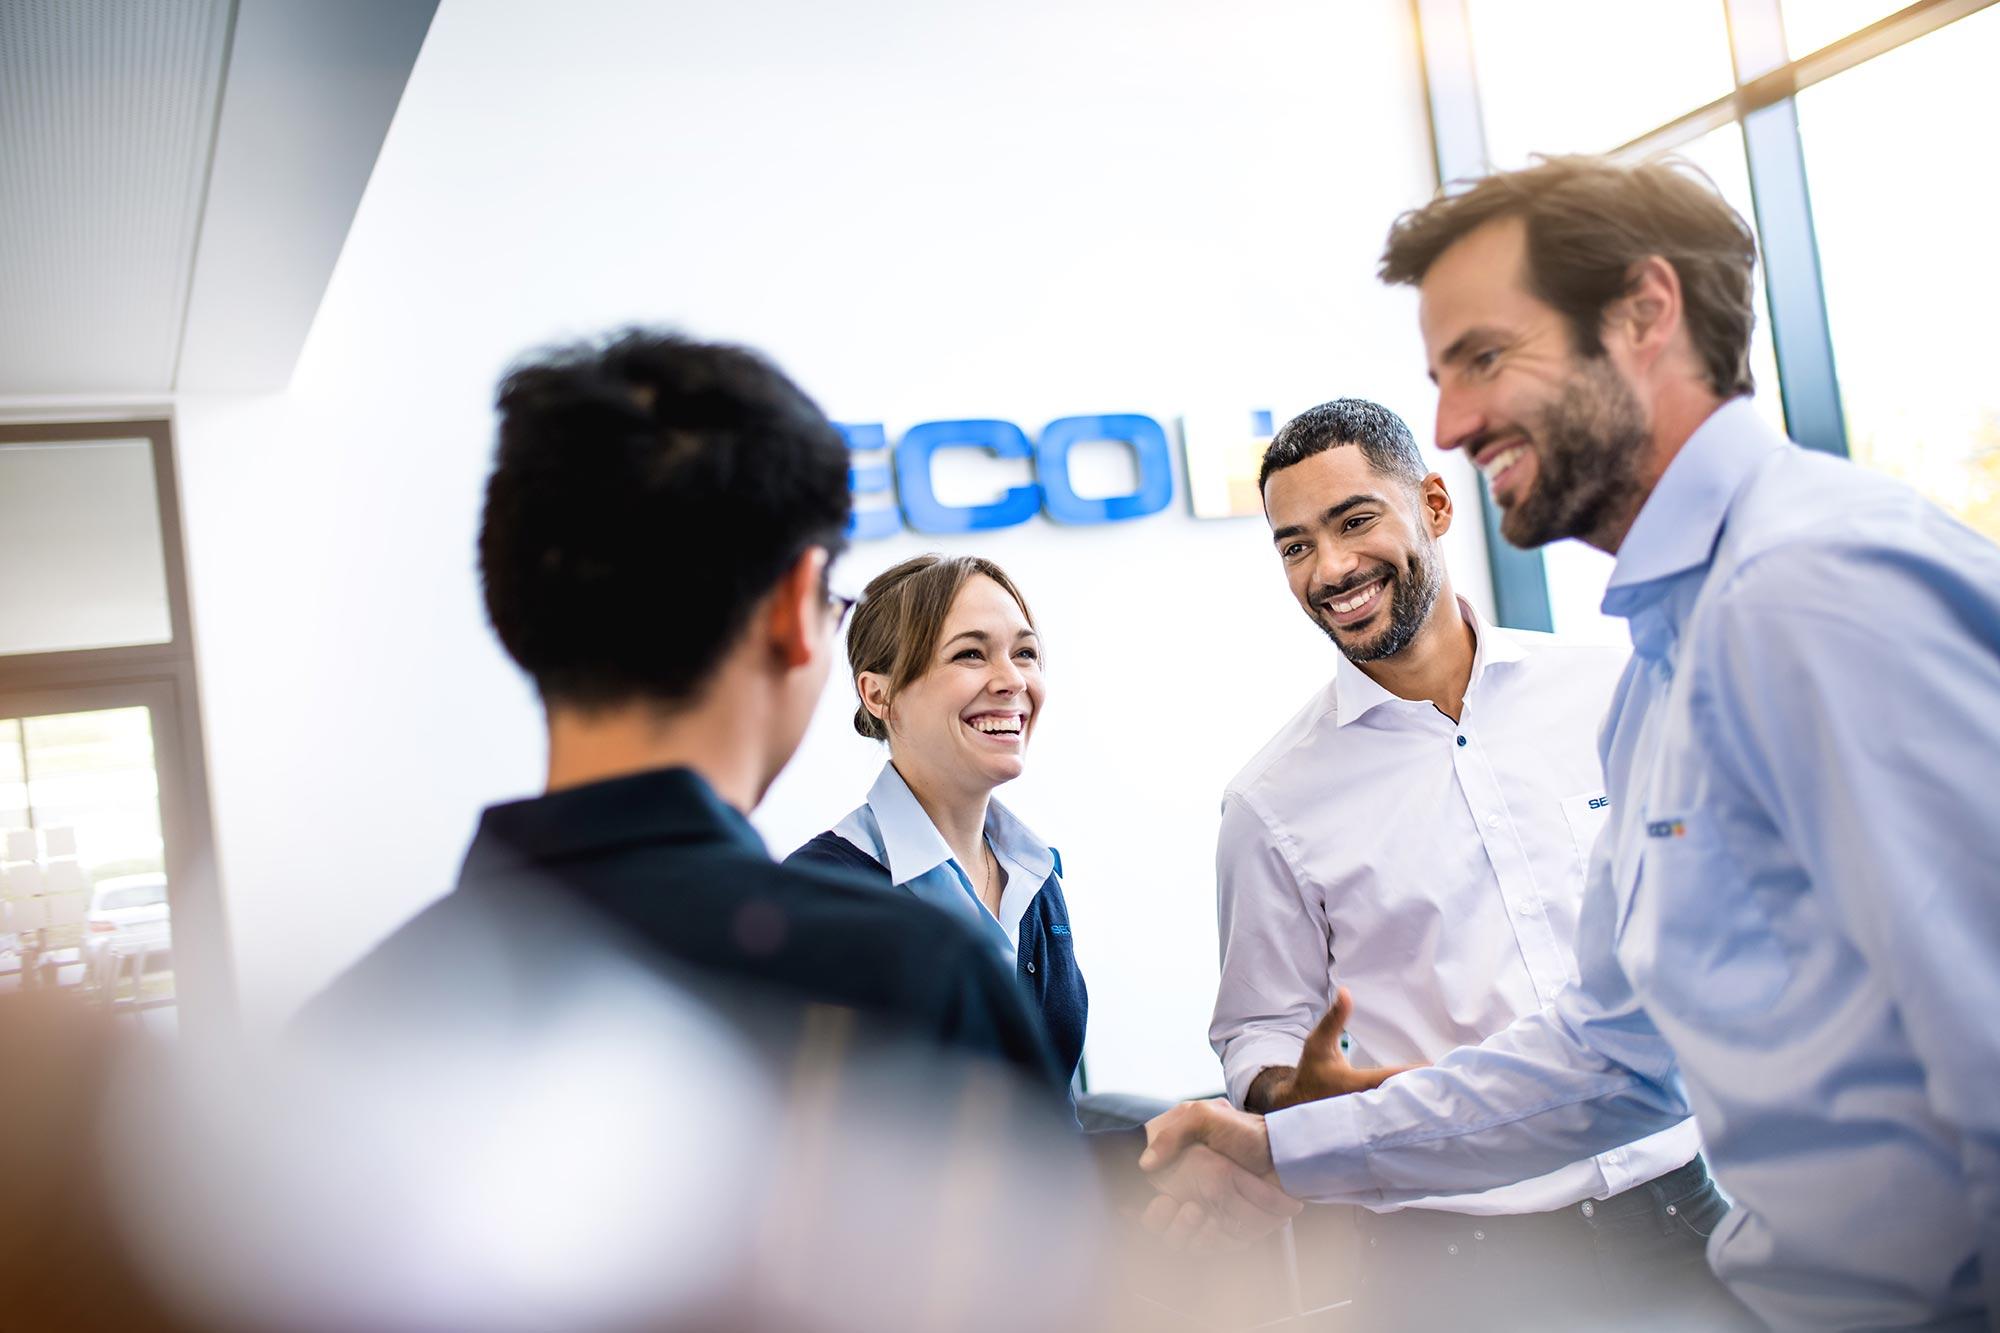 SECO-TOOLS Global Communication Handshake zwischen freundlichen Mitarbeitern und Kunden im Foyer Lachen Positive Energie Business Mann und Frau